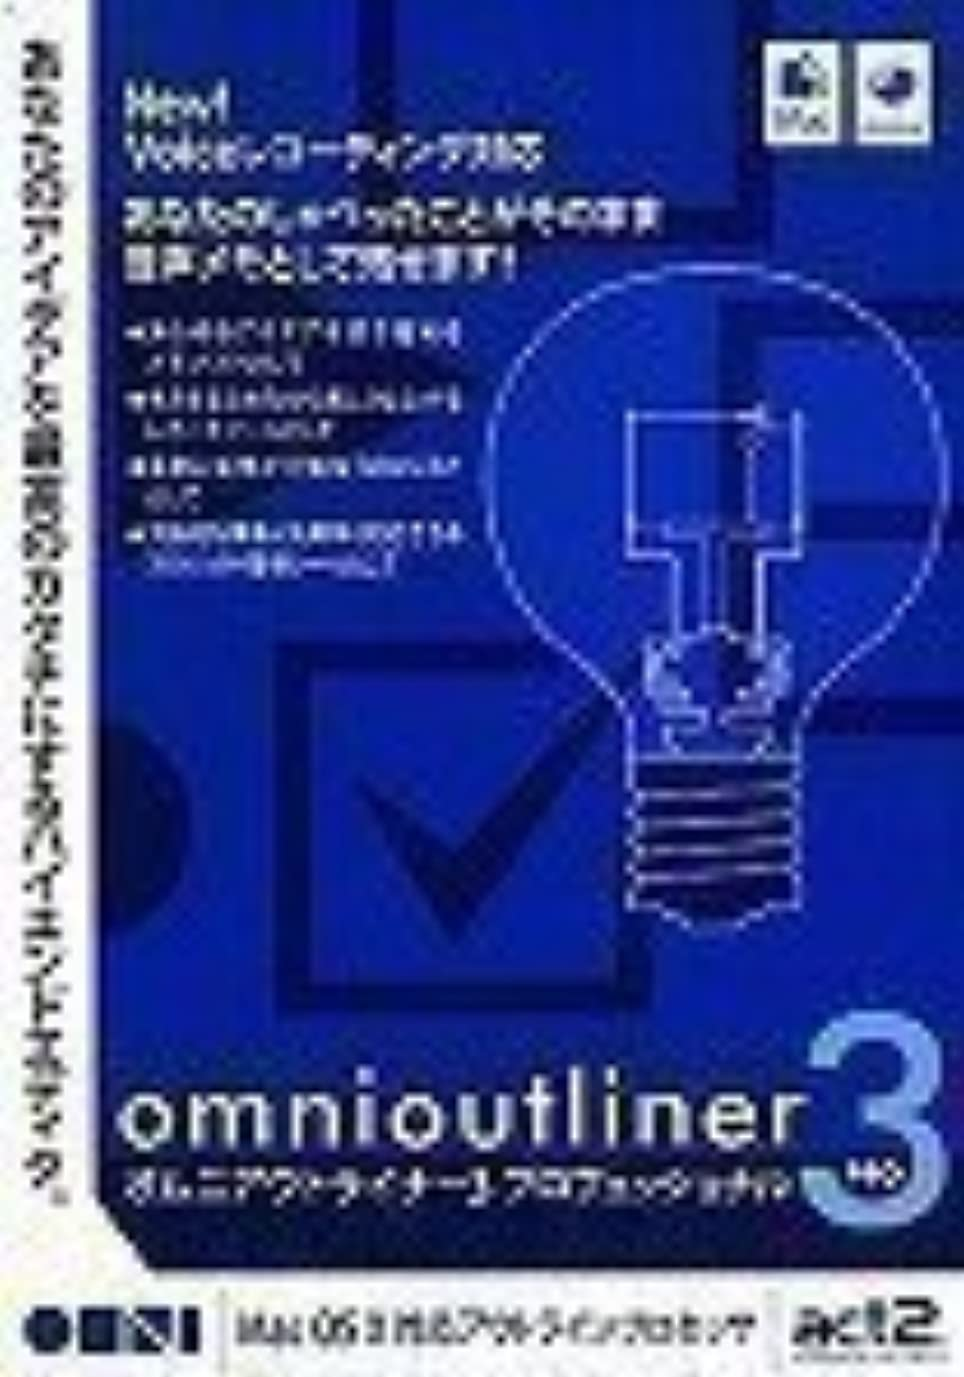 アイザック悩むシールOmni Outliner 3 Professional (Universalアプリケーション)